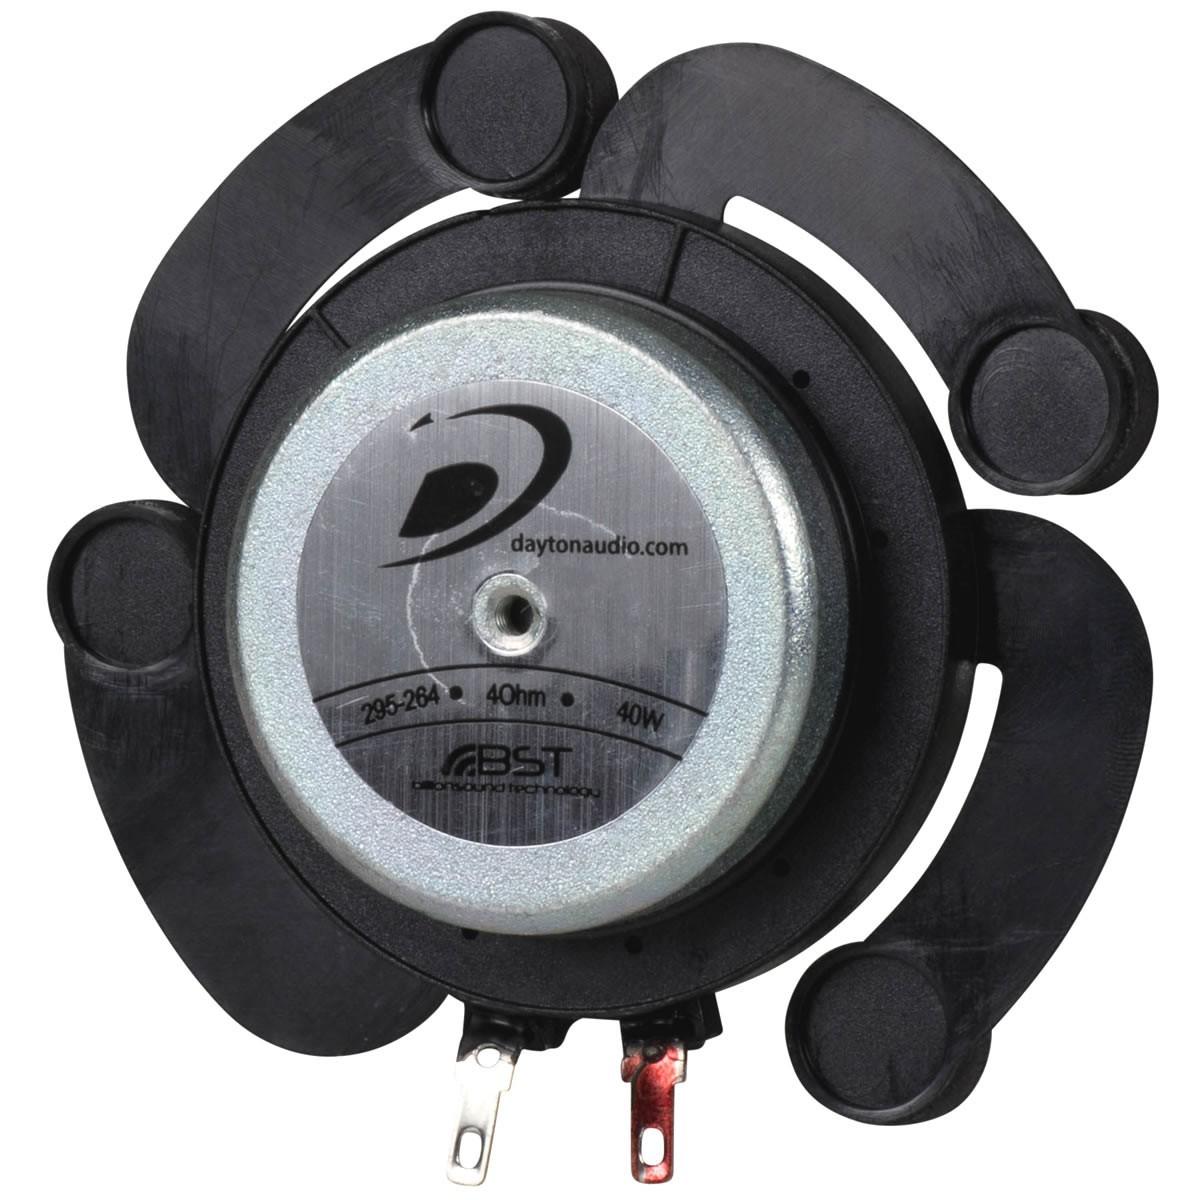 DAYTON AUDIO DAEX32QMB-4 Haut-Parleur Quad Vibreur Exciter Mega Bass 40W 4 Ohm Ø 3.2cm